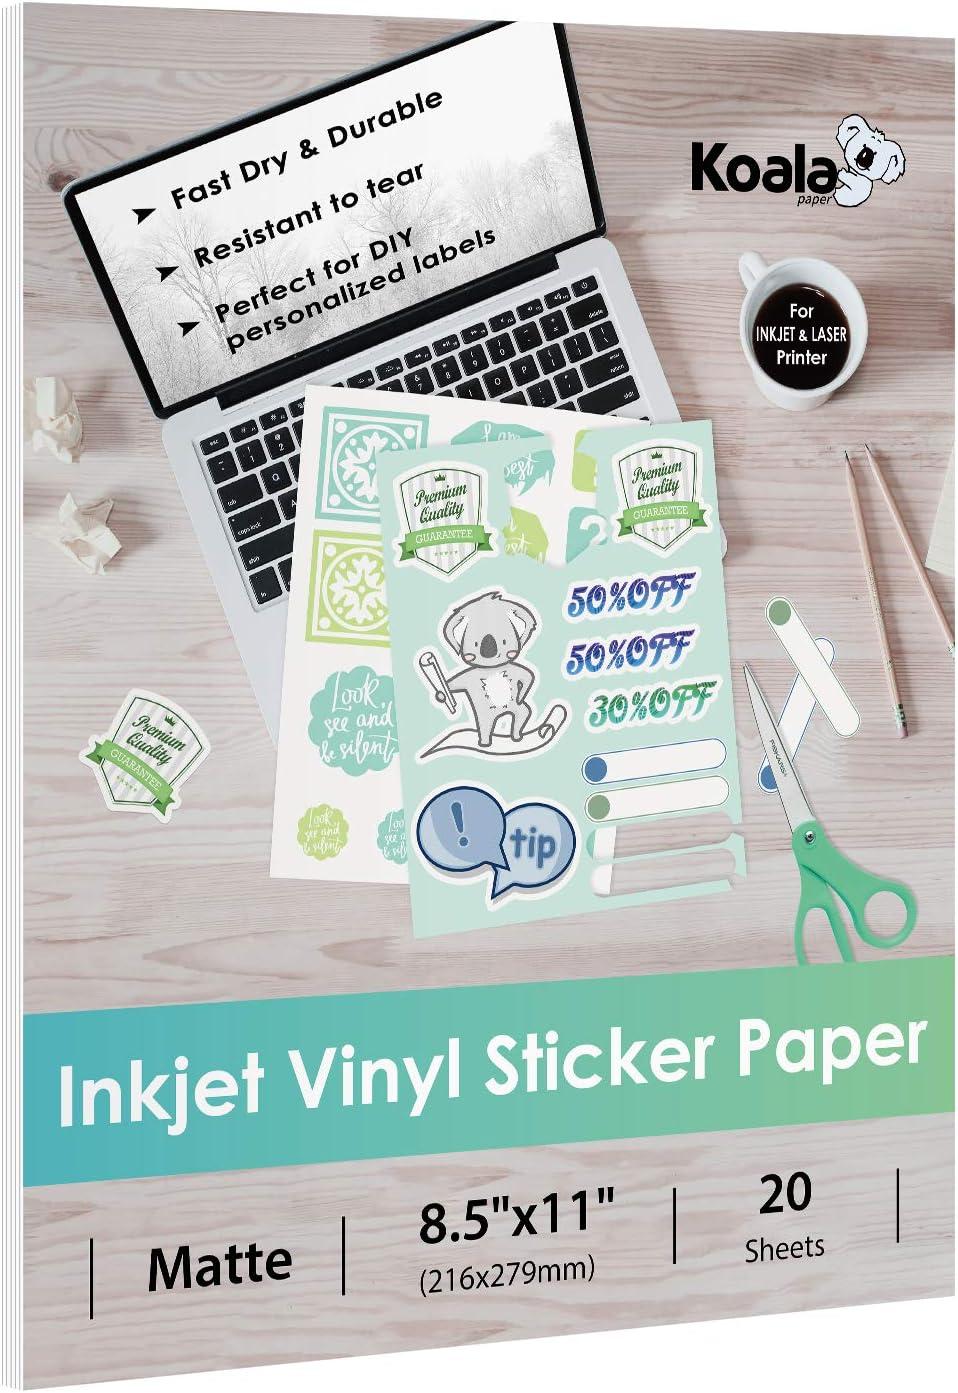 Koala Vinyl Sticker Paper Matte Printable Label 8.5x11 Inches Full Sheet for Inkjet Printer 20 Sheets